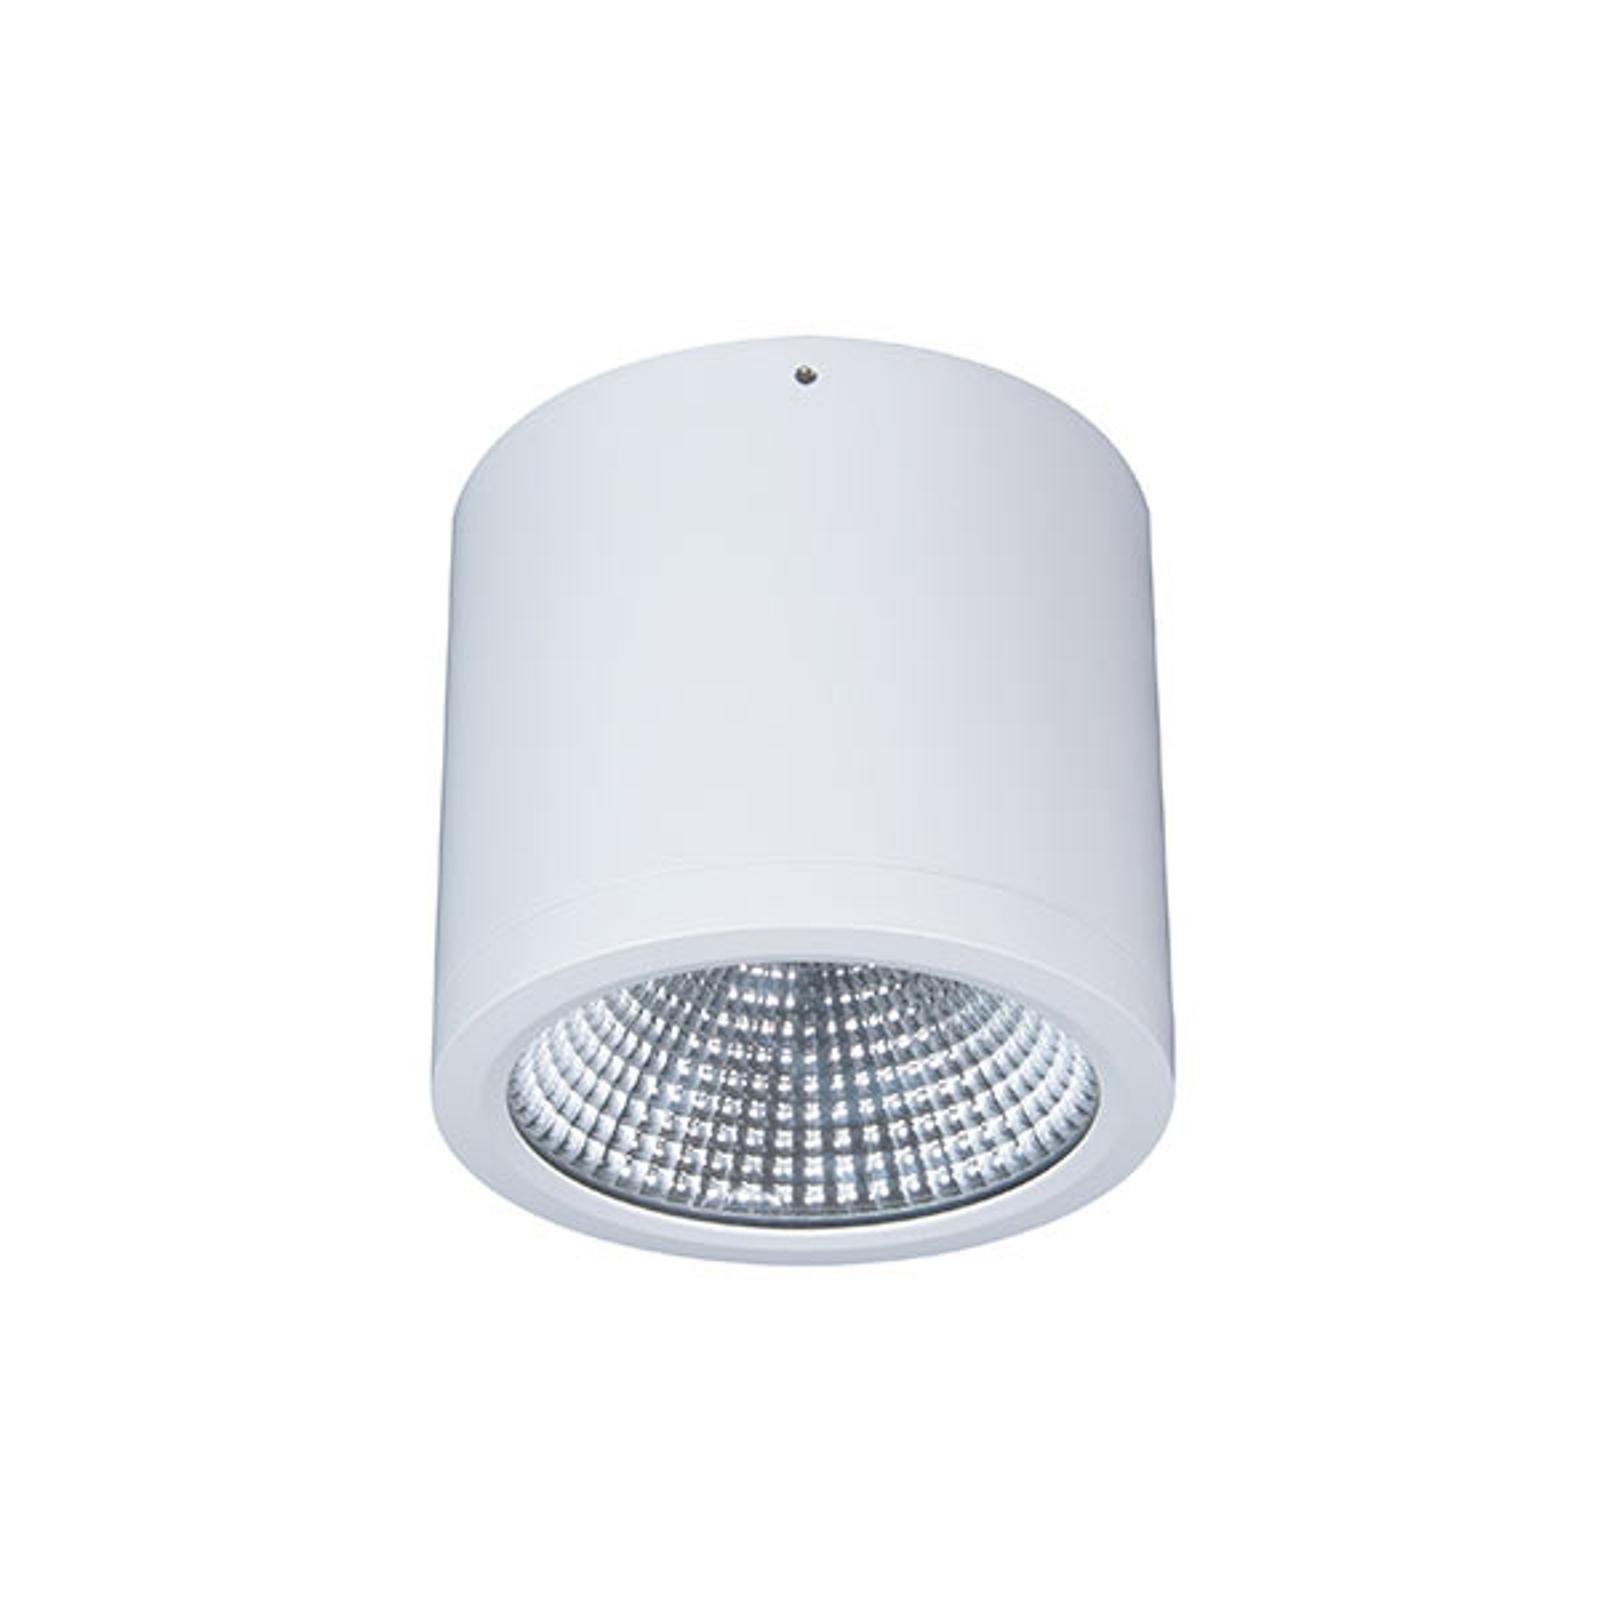 Faretto LED plafone Button Mini 200 IP54 55° 24 W